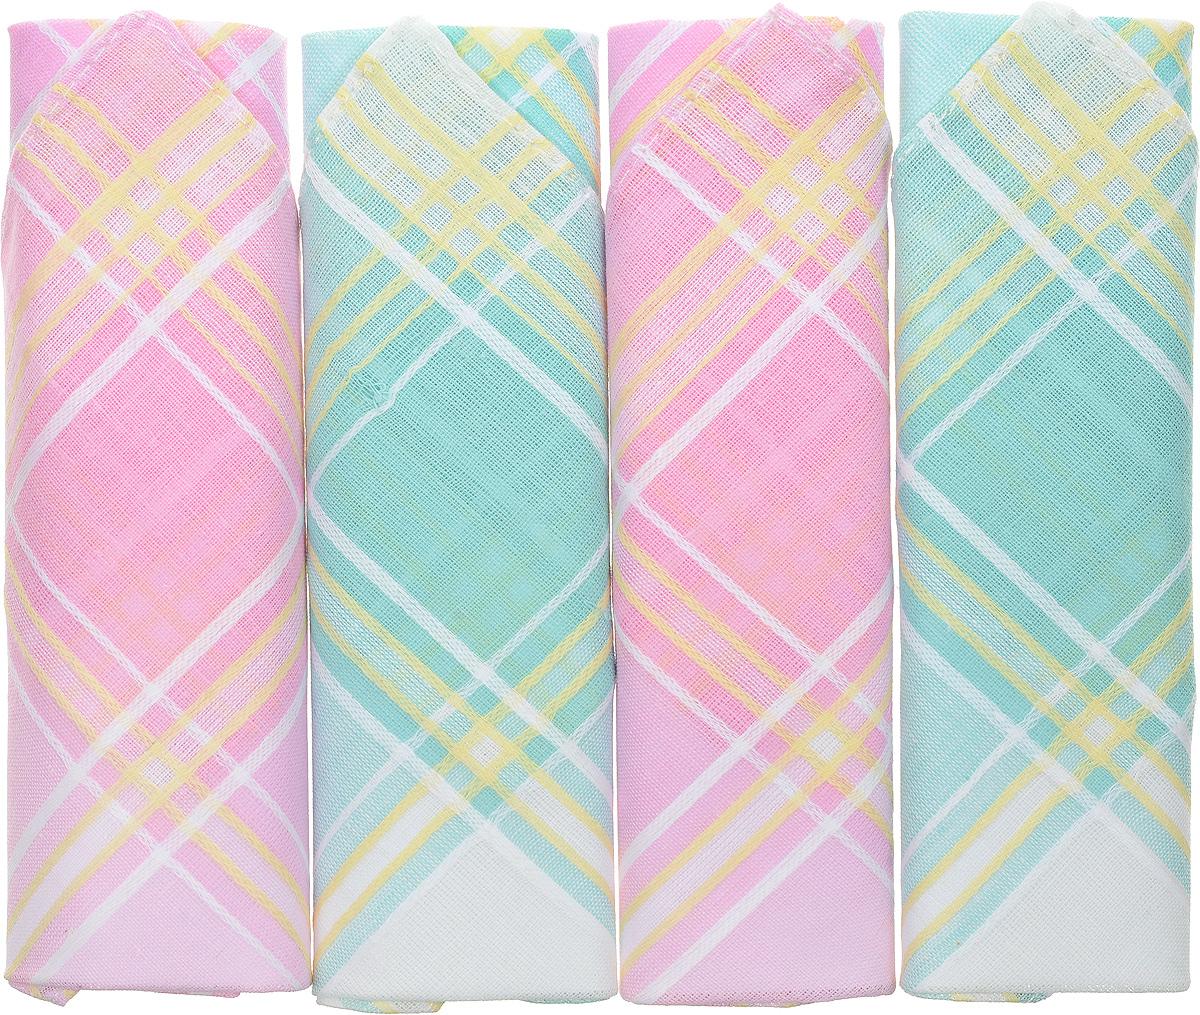 Платок носовой женский Zlata Korunka, цвет: розовый, бирюзовый, 4 шт. 71420-22. Размер 28 см х 28 см39864|Серьги с подвескамиОригинальный женский носовой платок Zlata Korunka изготовлен из высококачественного натурального хлопка, благодаря чему приятен в использовании, хорошо стирается, не садится и отлично впитывает влагу. Практичный и изящный носовой платок будет незаменим в повседневной жизни любого современного человека. Такой платок послужит стильным аксессуаром и подчеркнет ваше превосходное чувство вкуса.